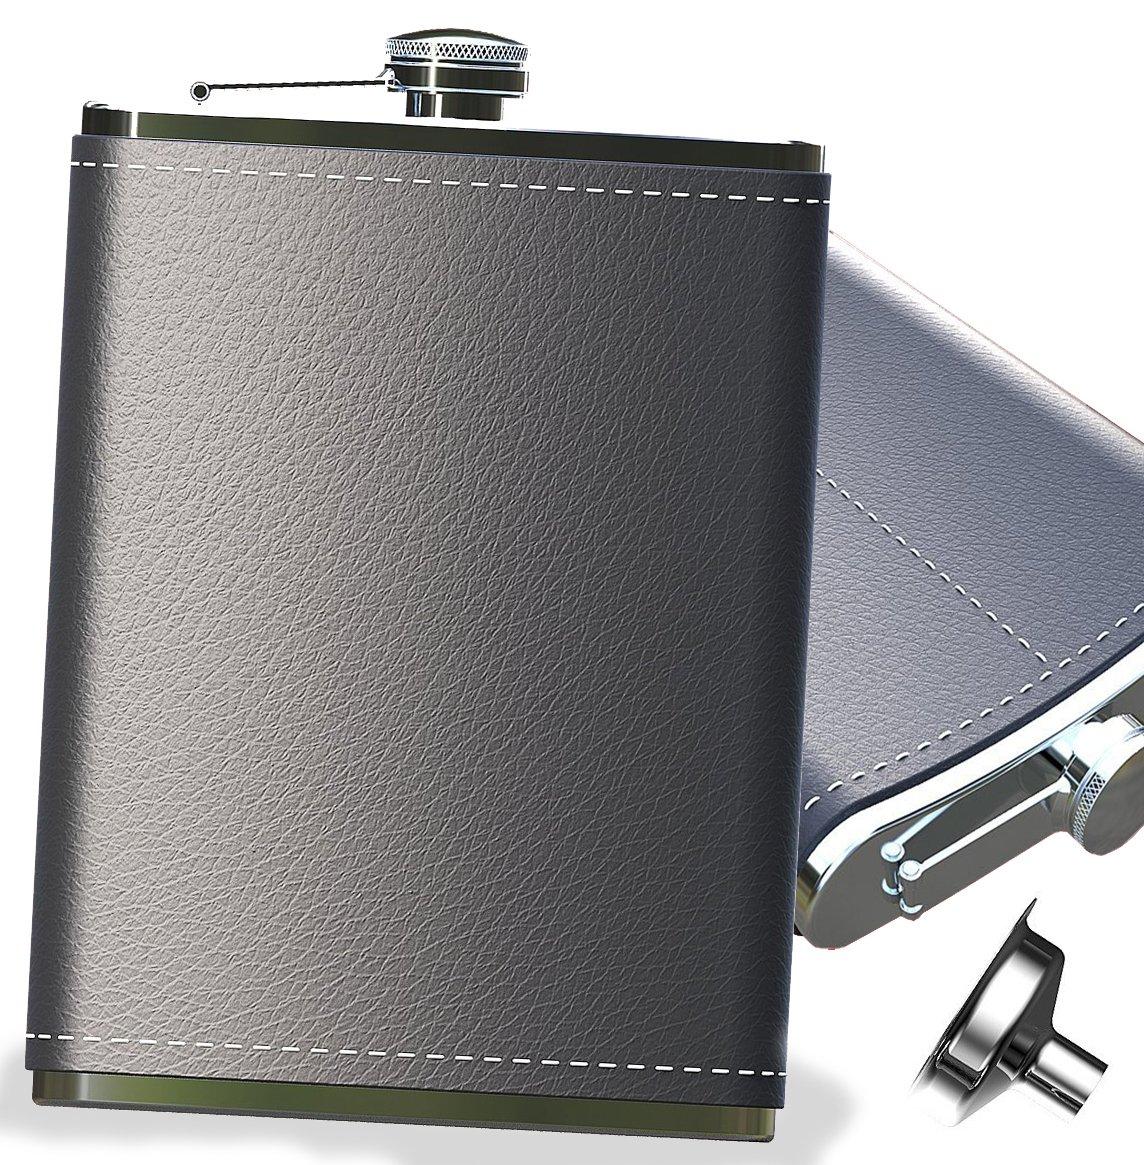 世界的に Pocket Hip Flask 210ml with Drinking Shot Funnel- 18/8 Stainless For Steel with Black Leather Wrapped Cover For Liquor Shot Drinking B07B868KSH, 京のくすり屋:78ce2d9d --- a0267596.xsph.ru